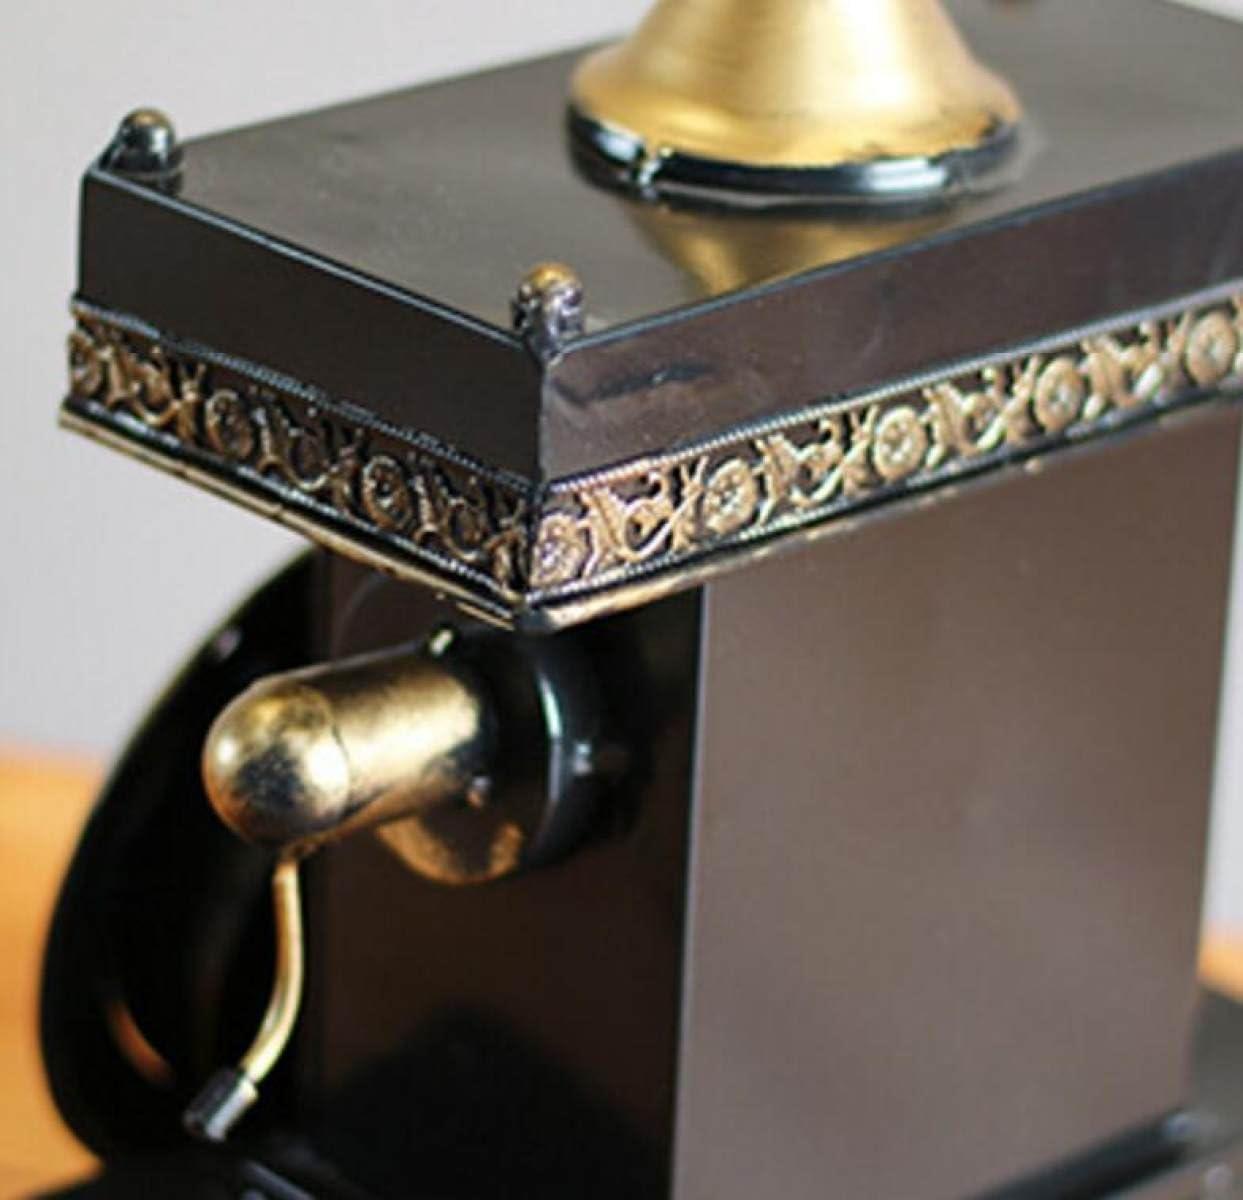 LJXWH Accueil Horloge Mod/élisation Bureau Continental Fer R/étro D/écorations De Table T/él/éphone Vintage Style Horloge